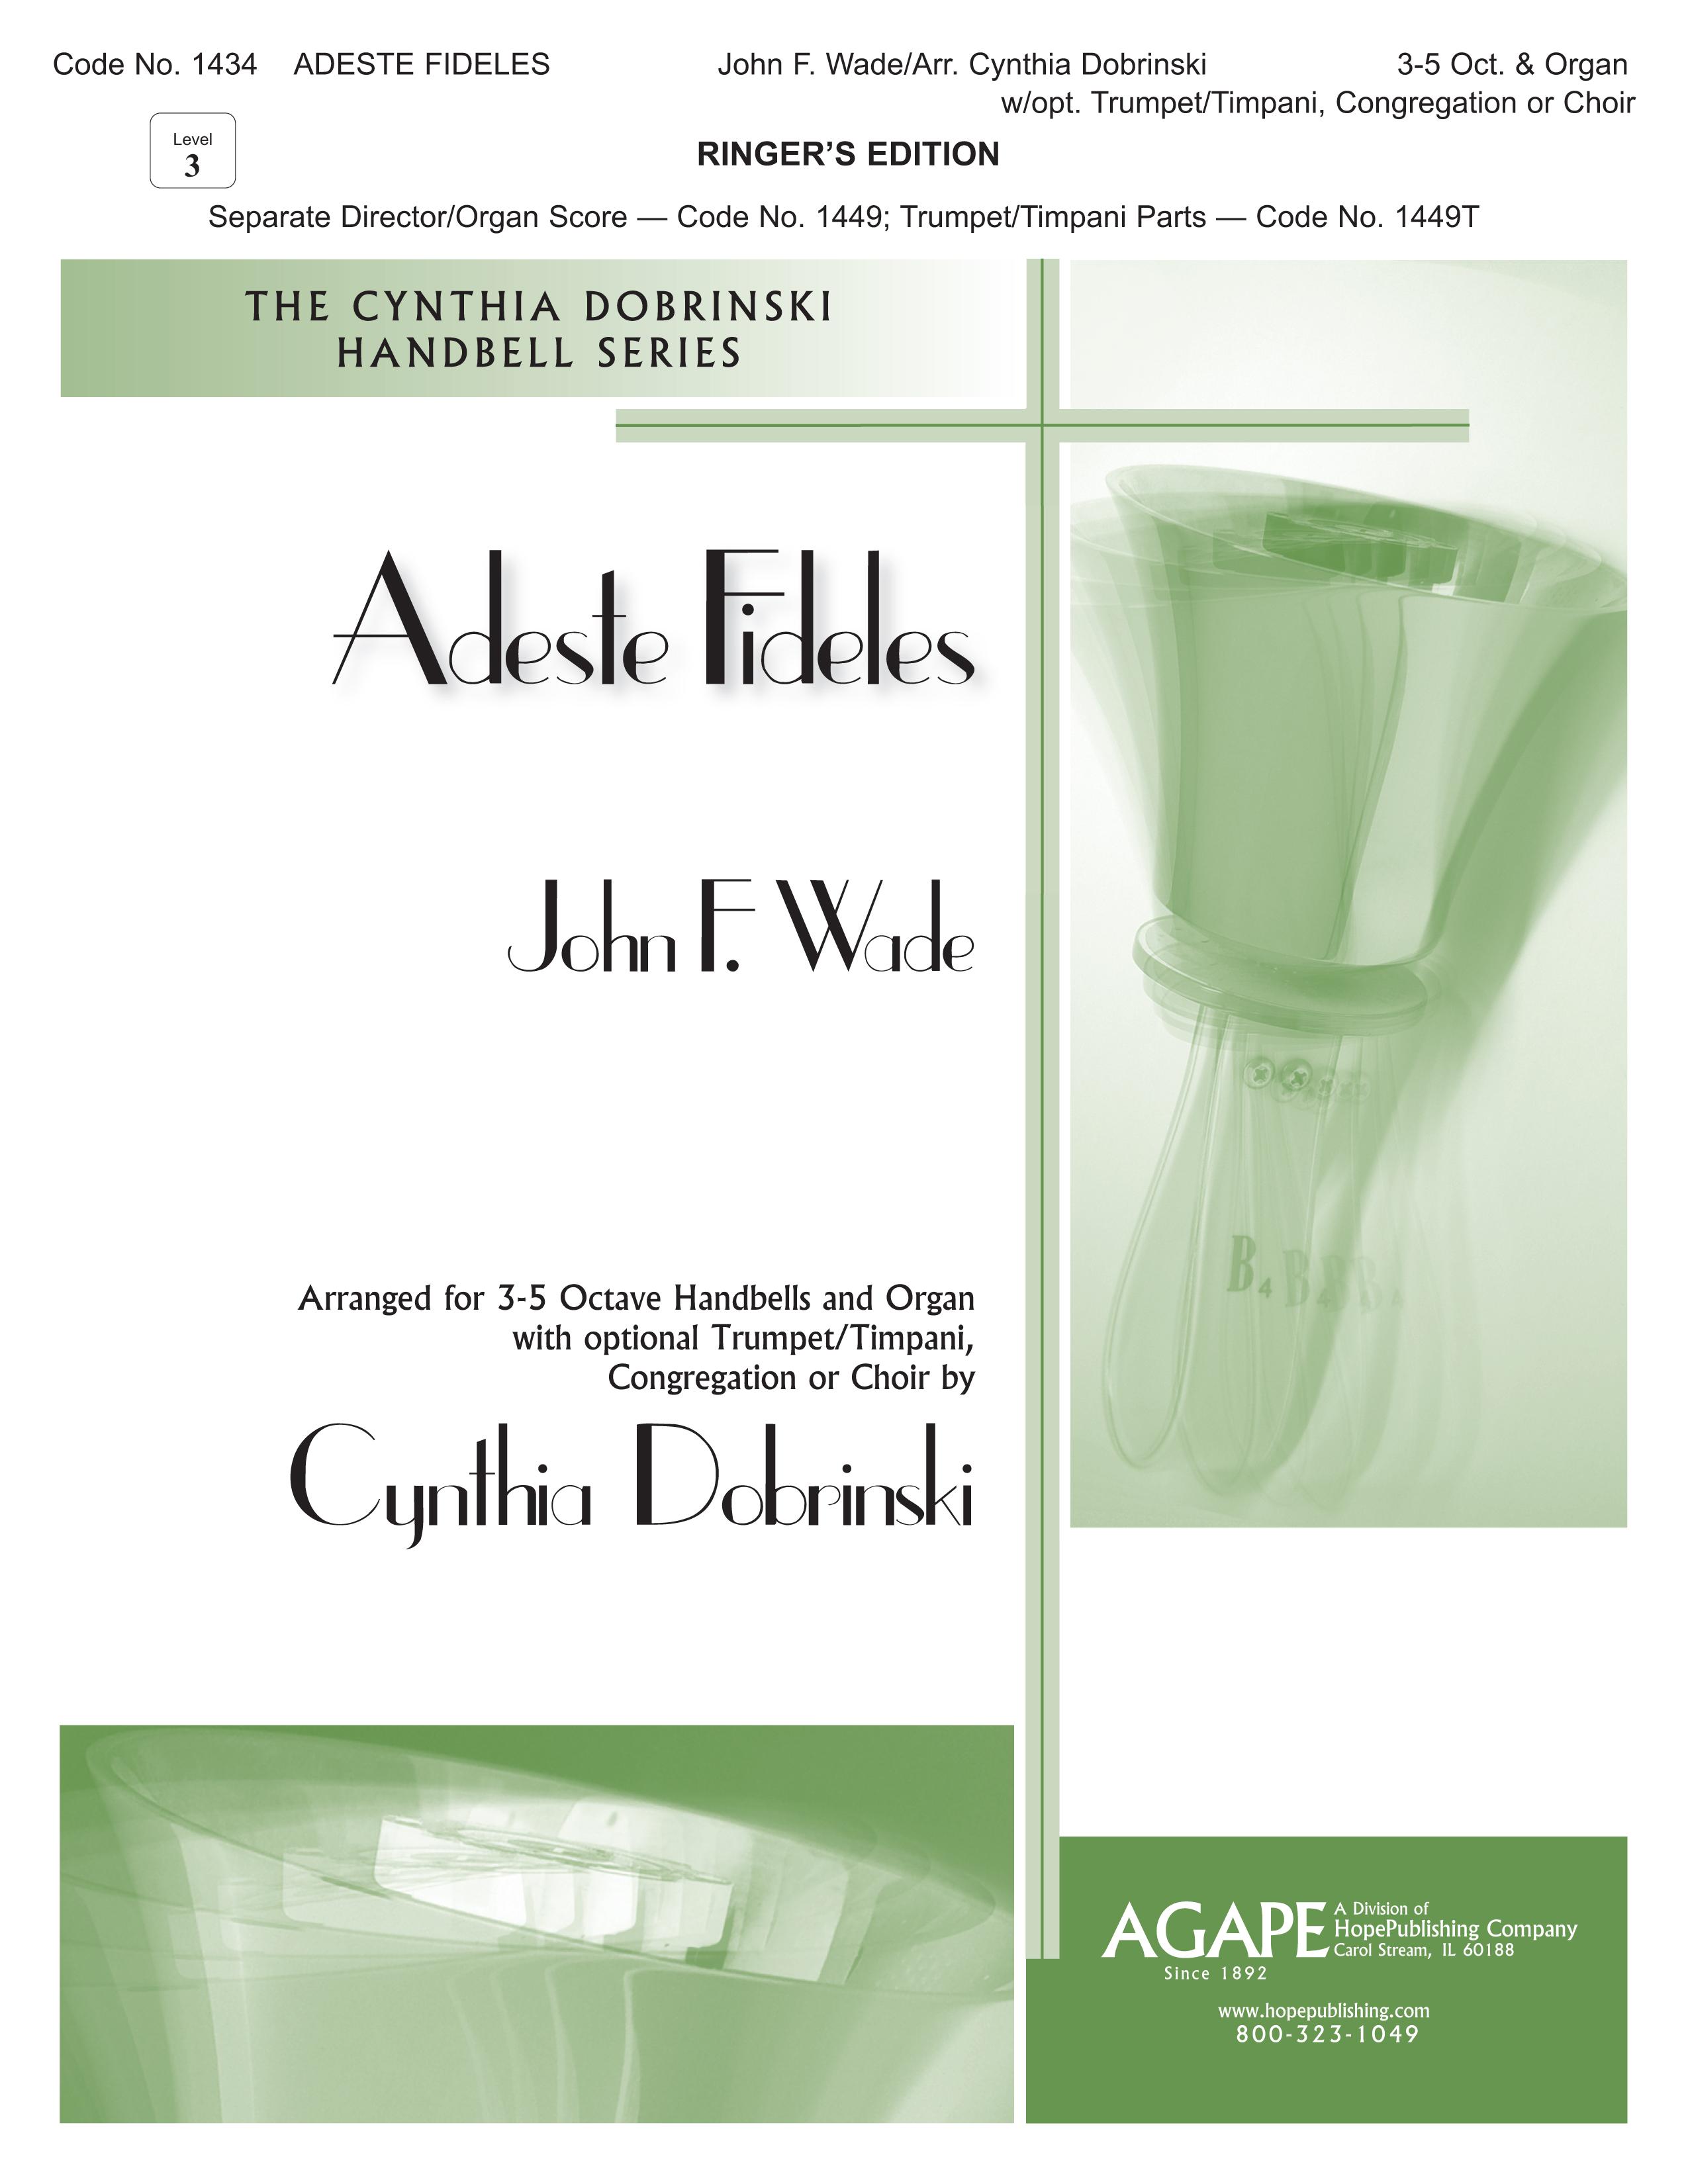 Adeste Fideles - Ringers Ed. (3-5 Octaves) Cover Image